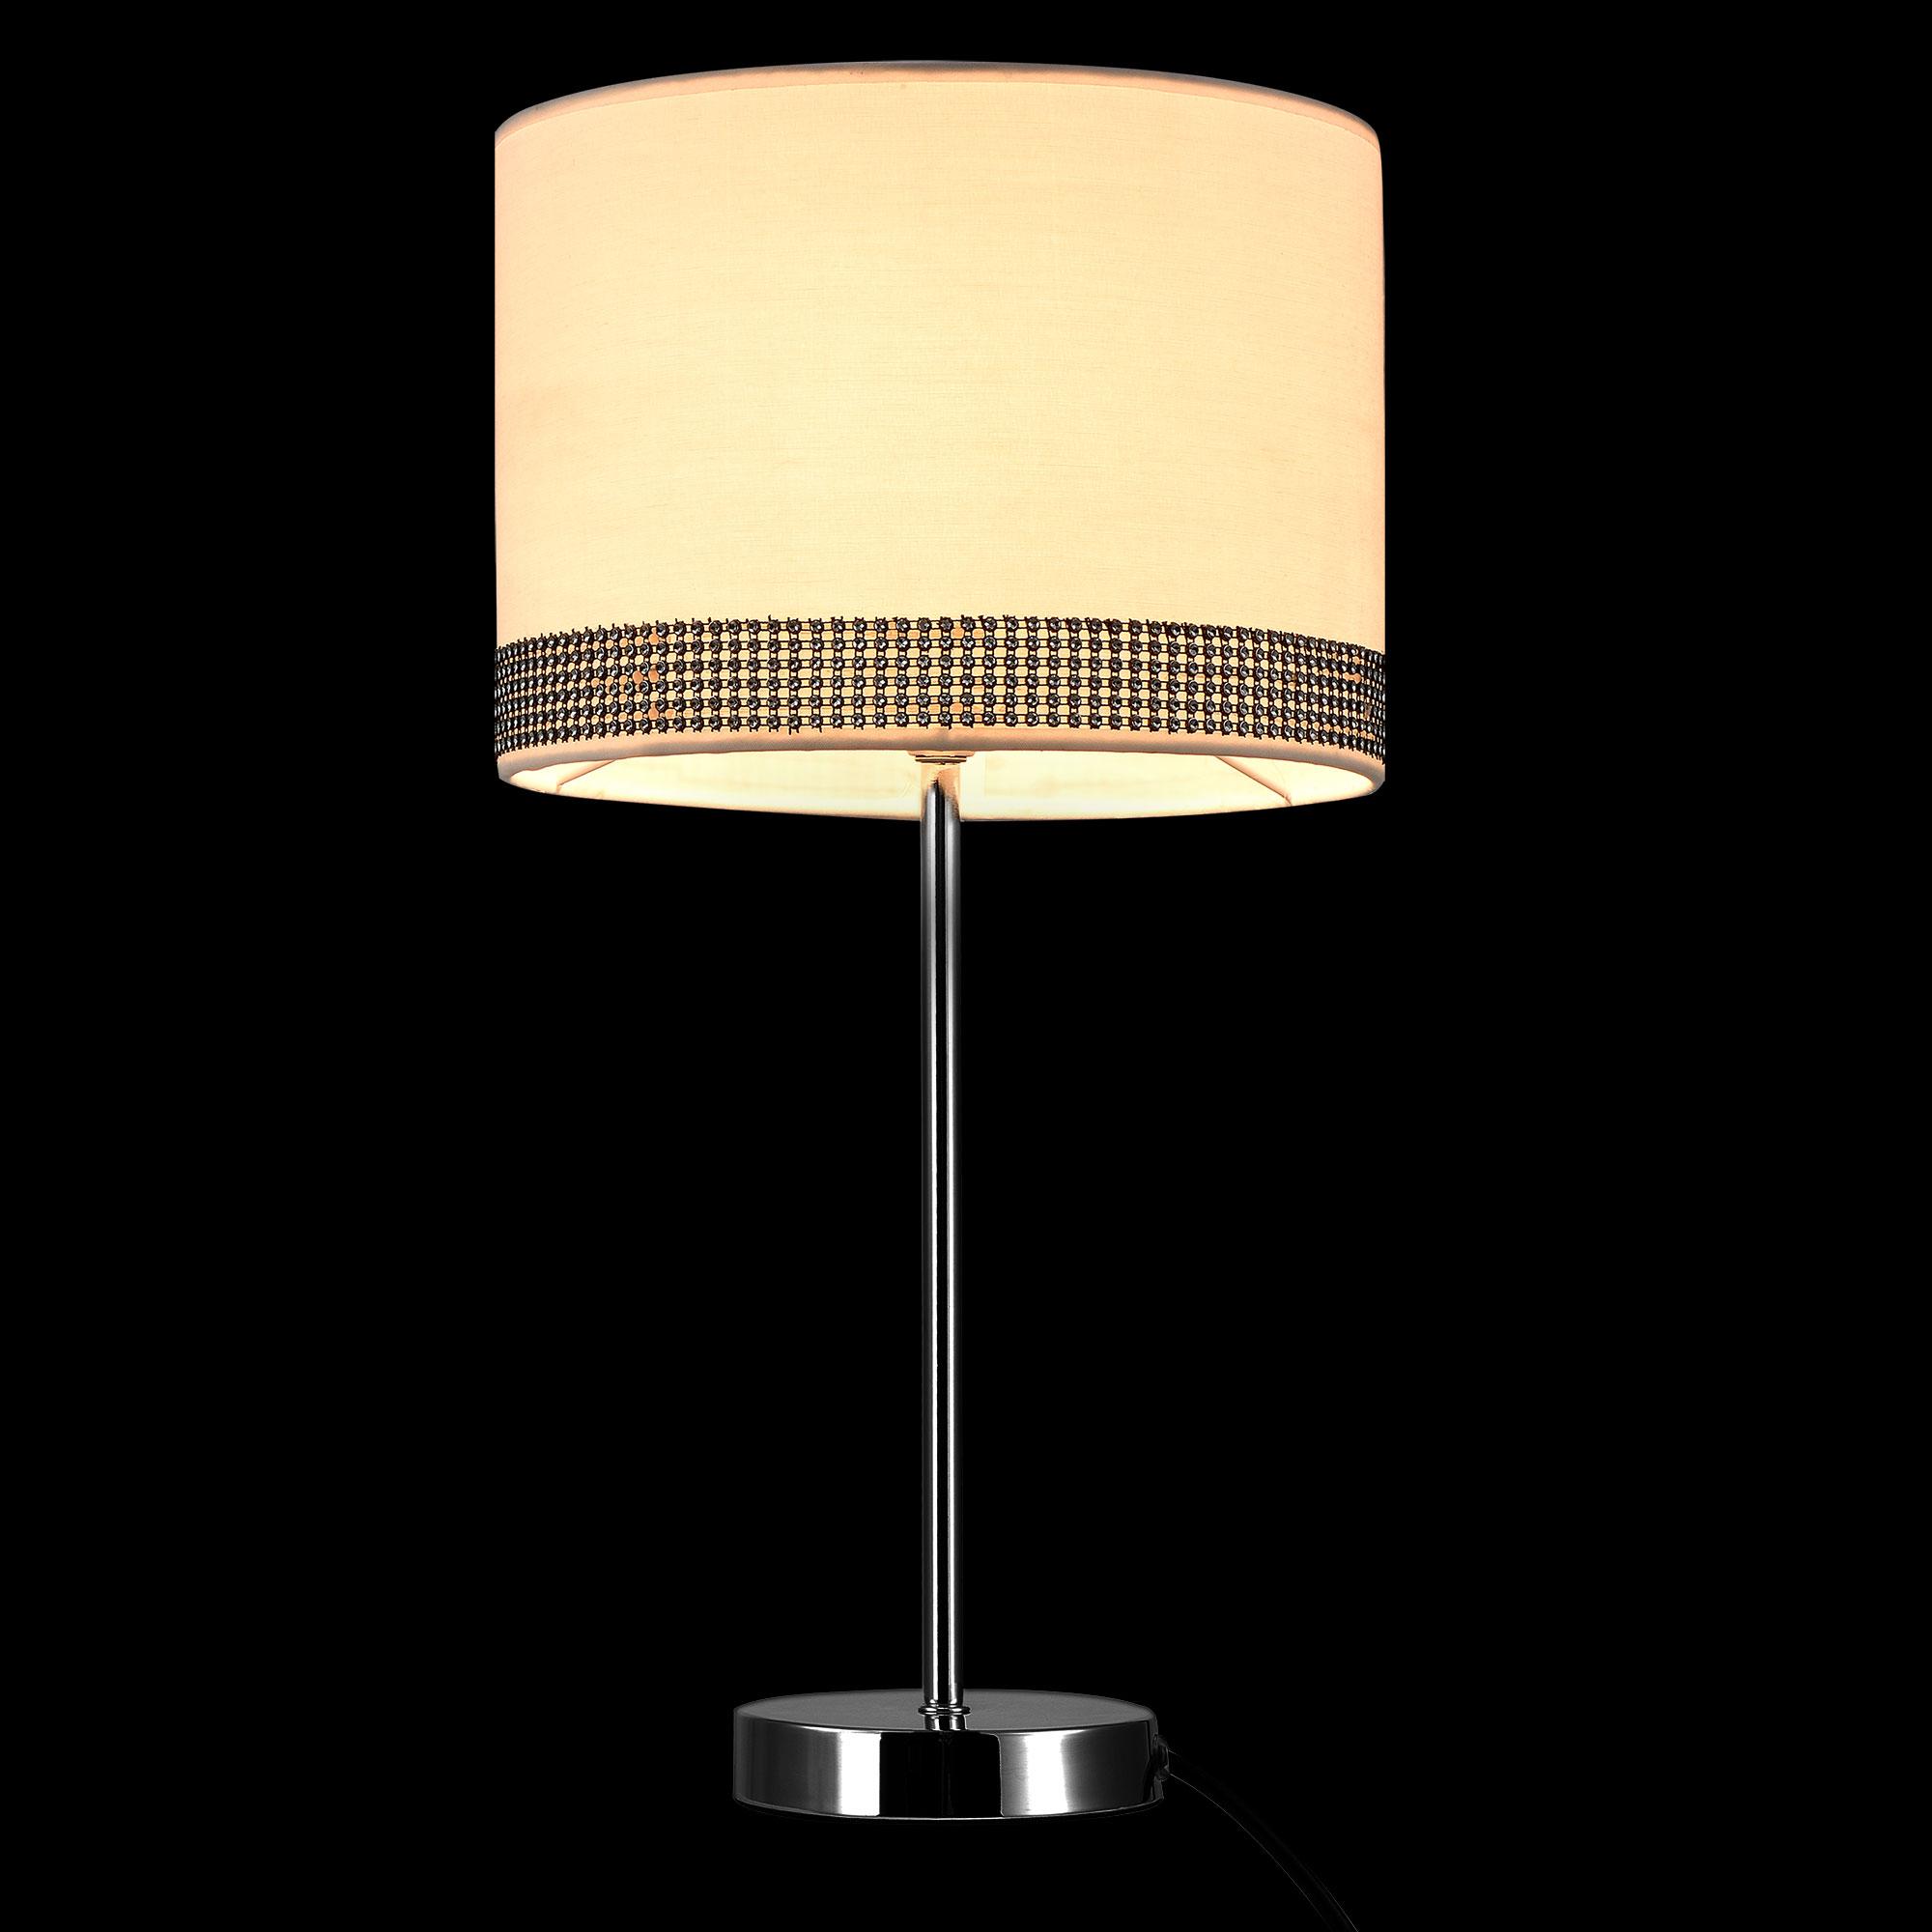 Lampe de chevet table lecture clairage lumi re for Lampe de table contemporaine